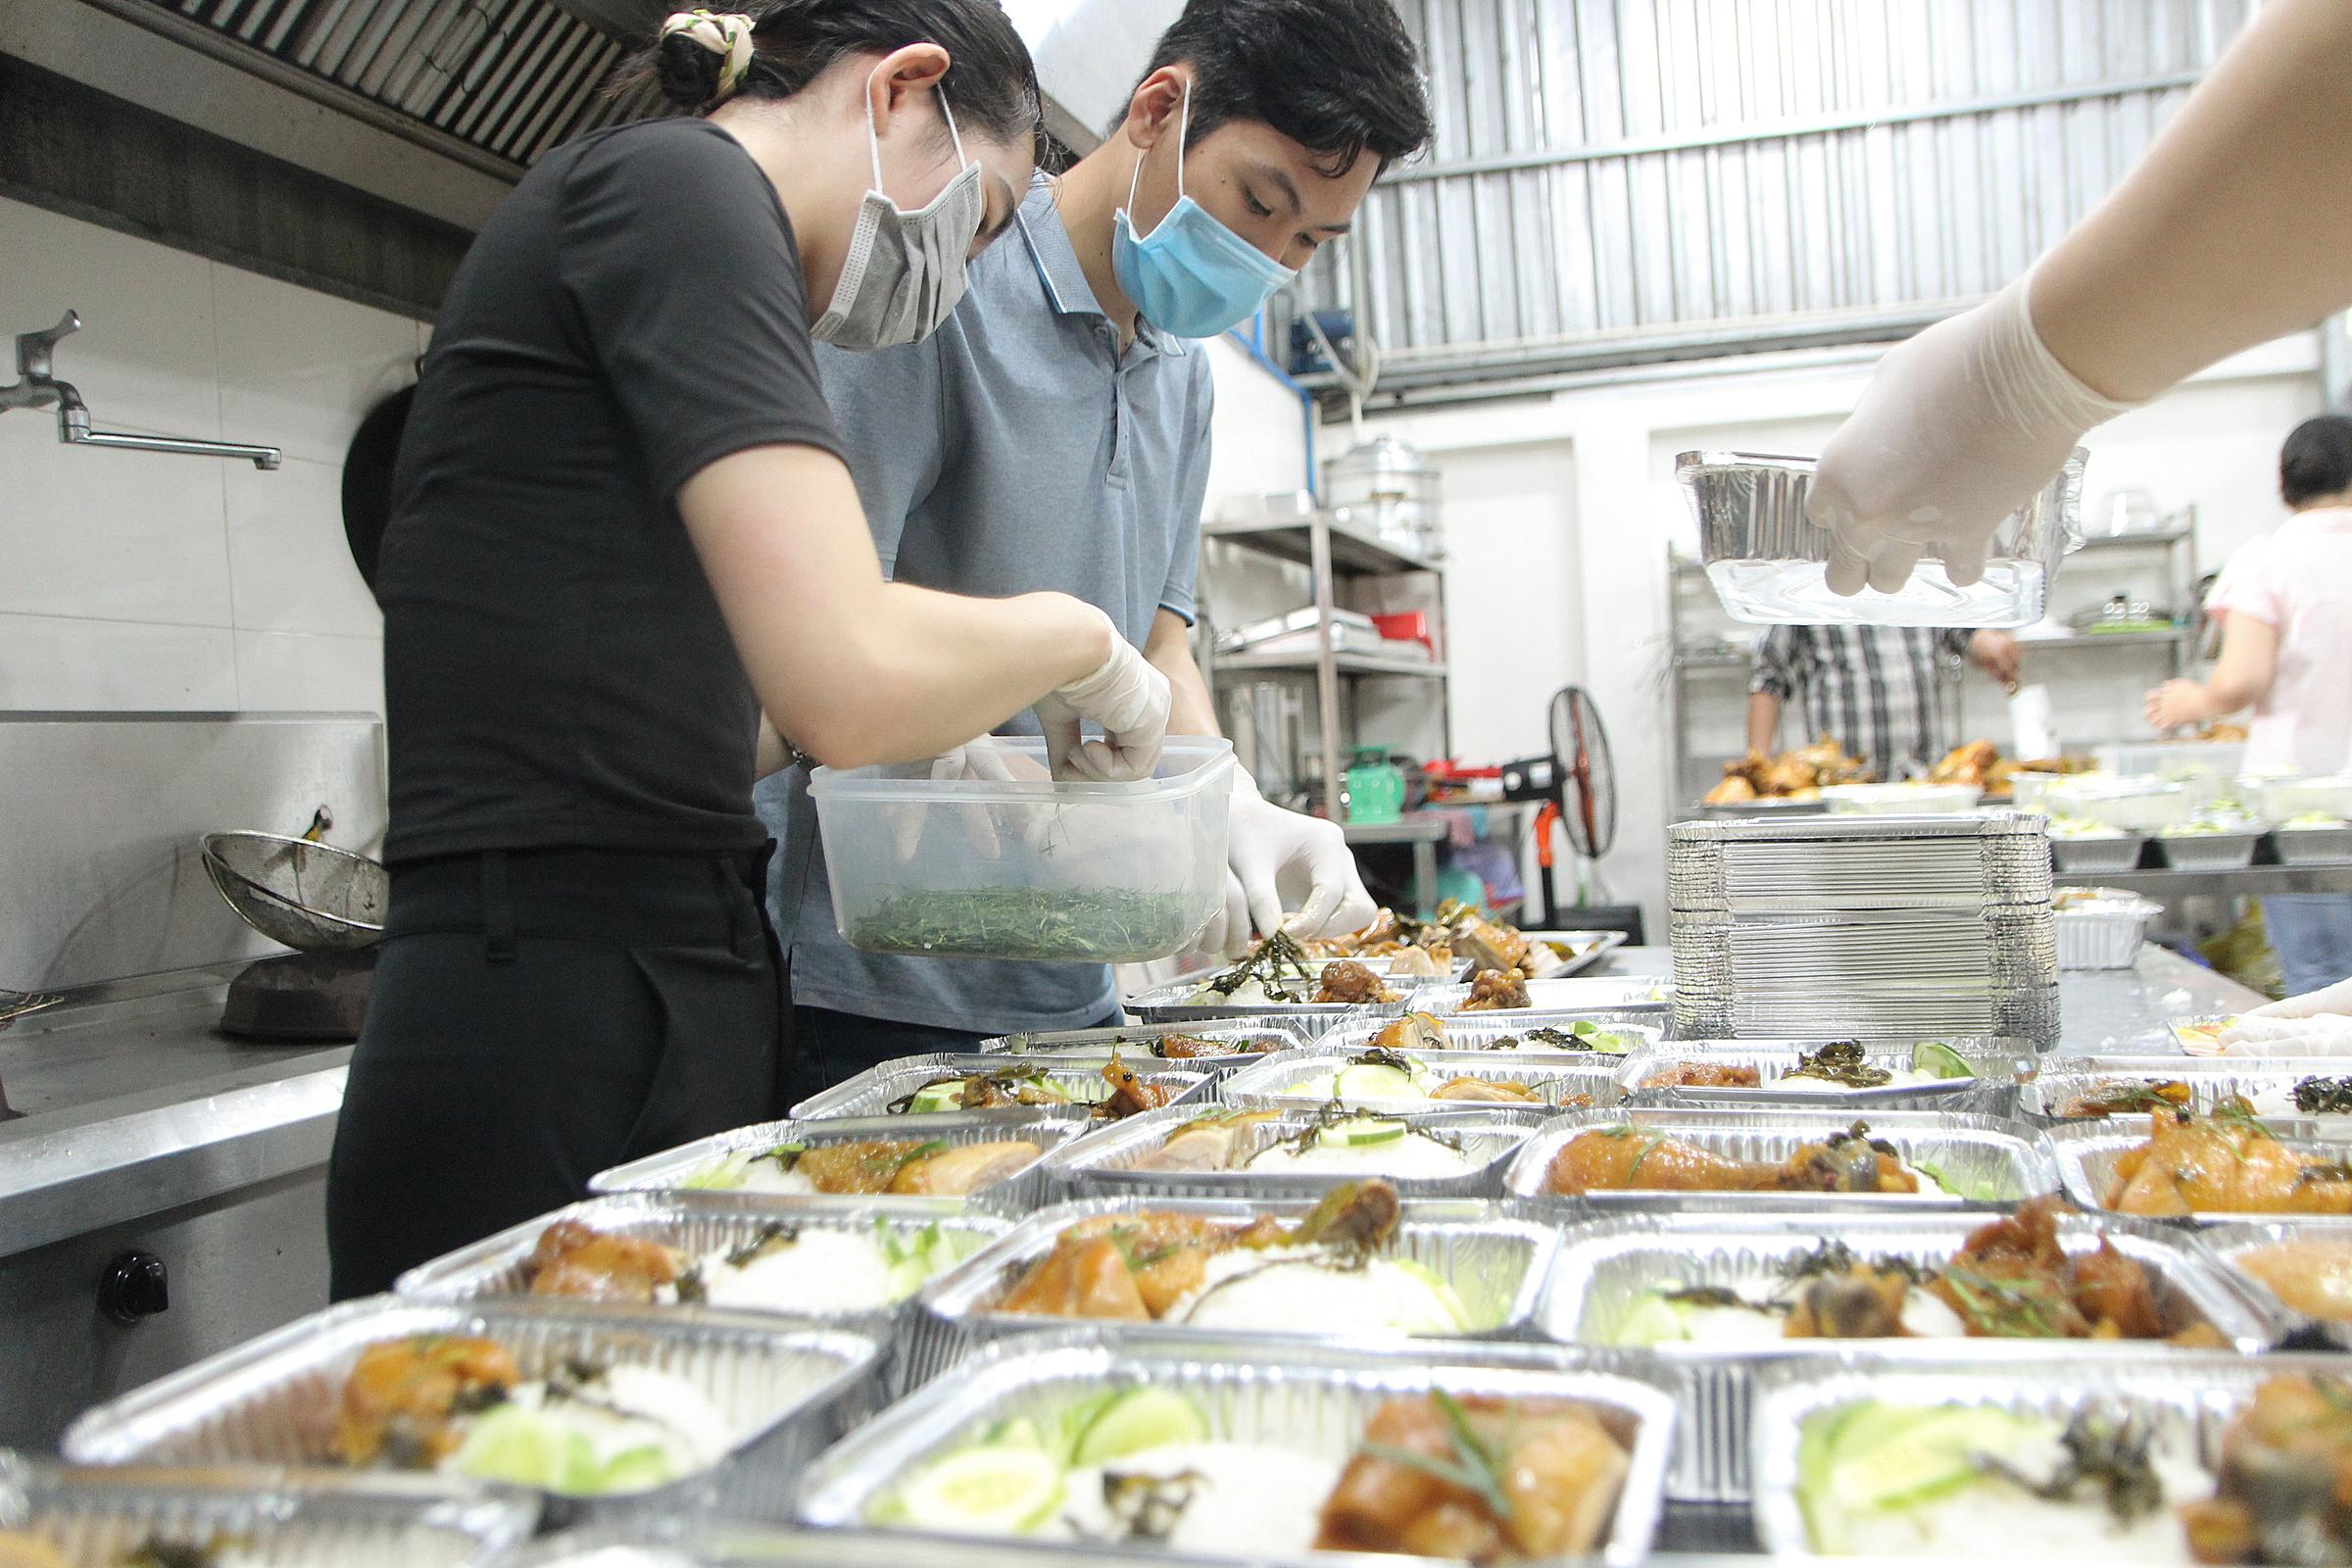 Nhân viên một bếp ăn ở phường An Phú (TP Thủ Đức) đang chuẩn bị phần ăn, hồi tháng 7/2021. Ảnh: Mạnh Khang